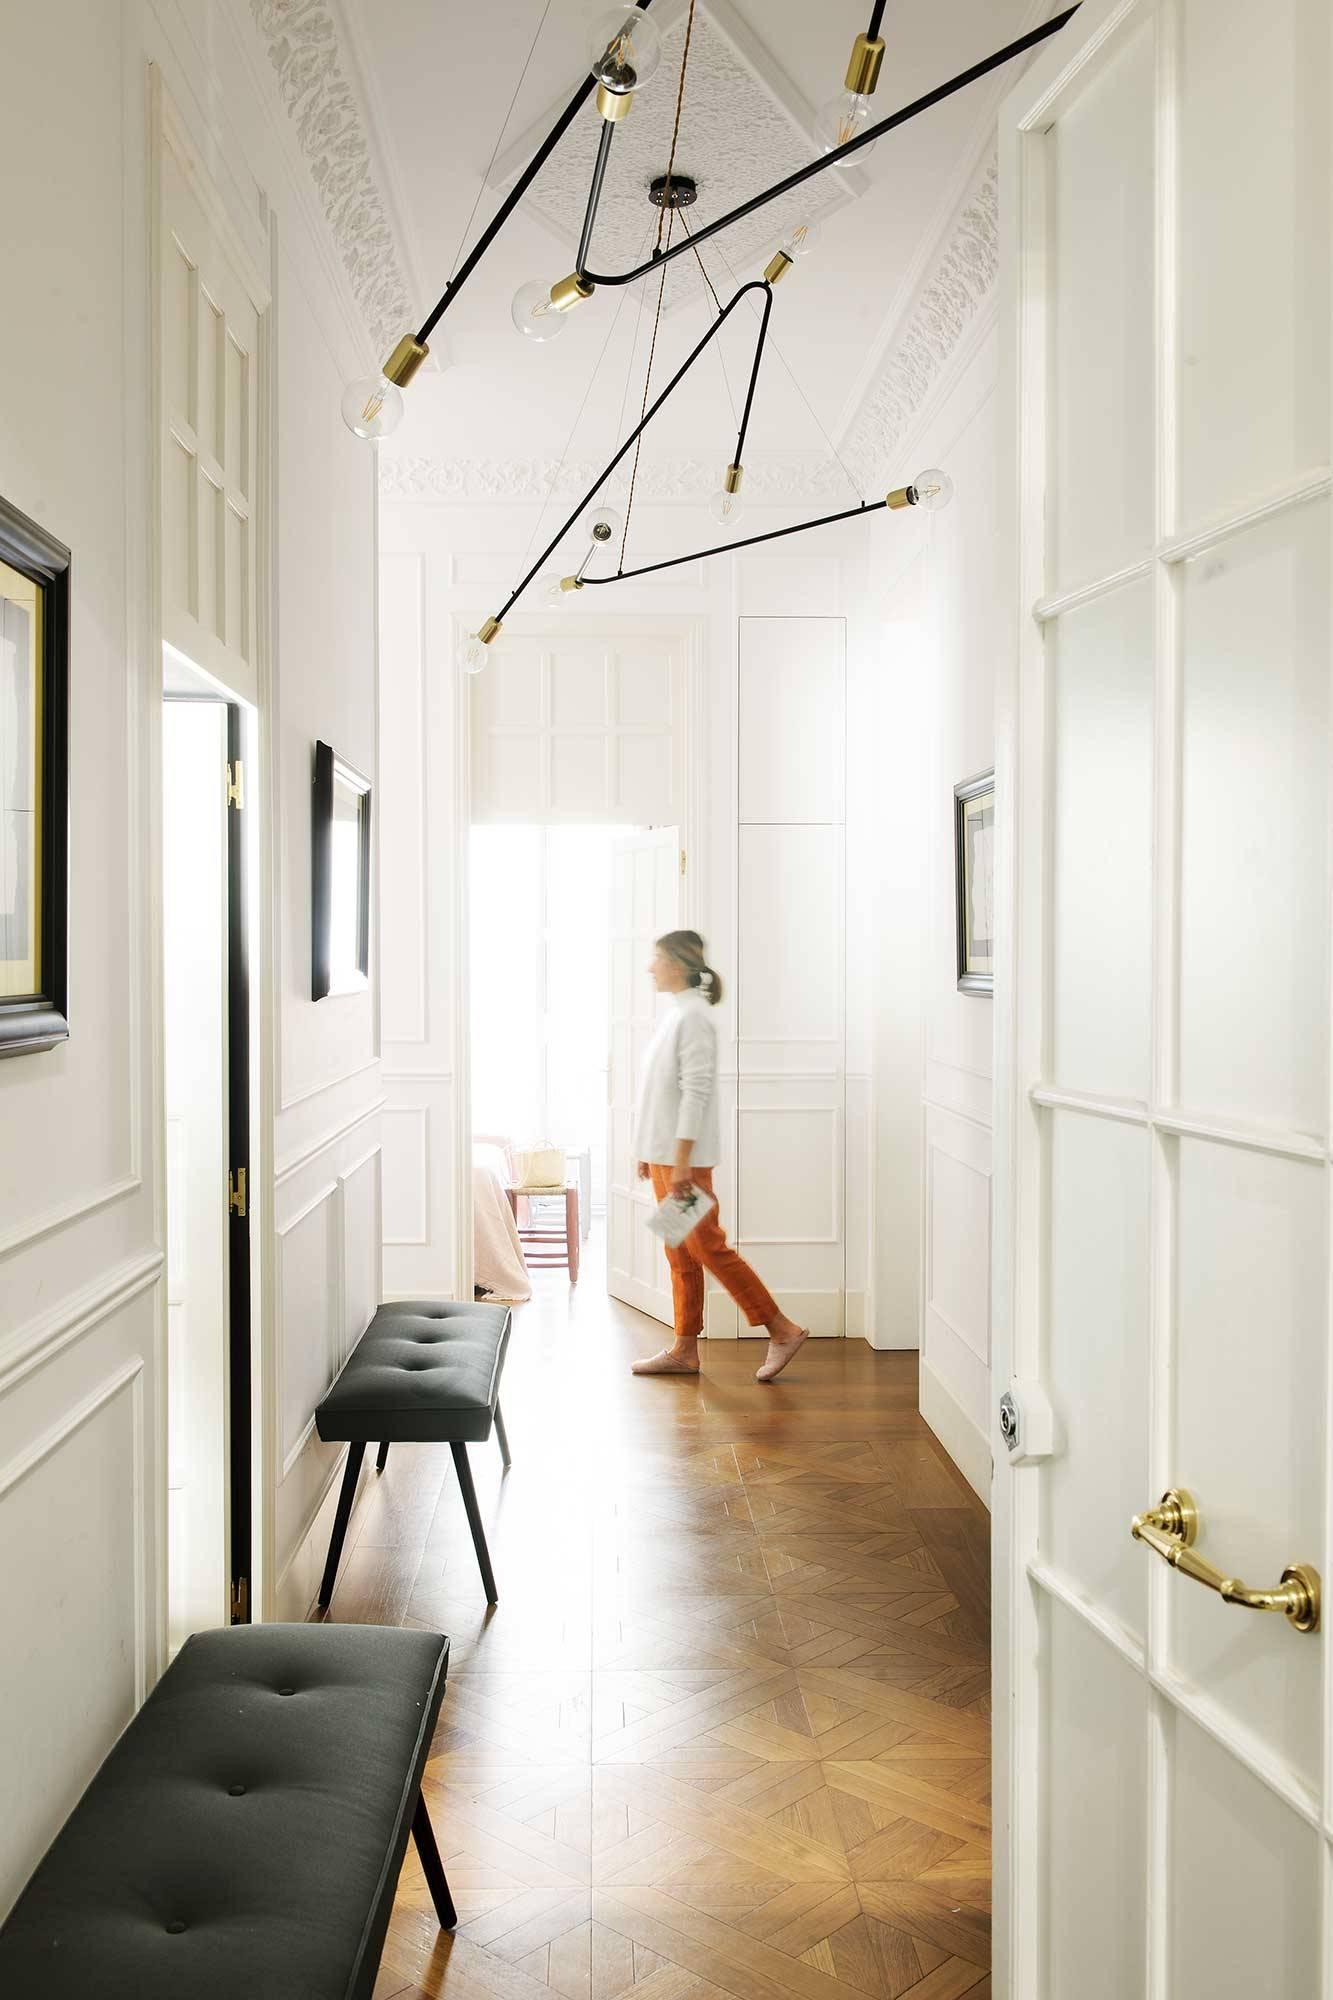 436 fotos de pasillos for Espejos decorativos para pasillos